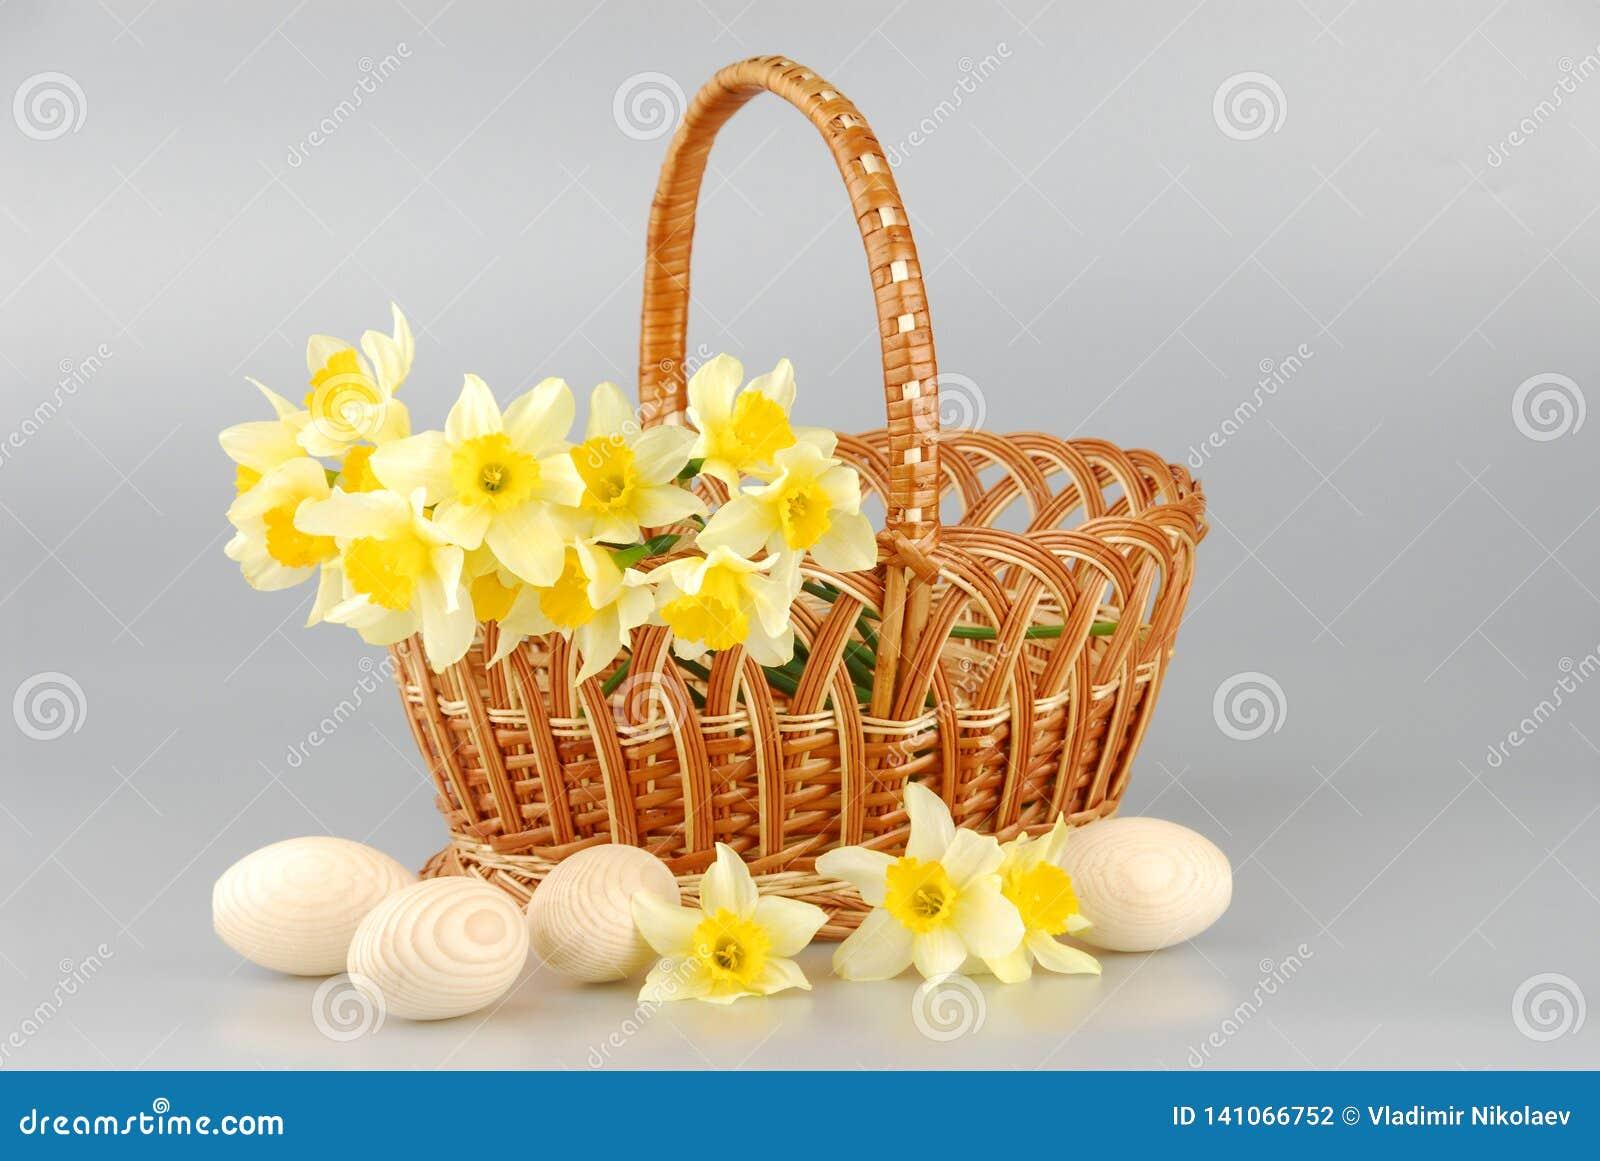 Narcyza kosz, Easter jajka w koszu, wiosna narcyza kwiatu żółte kobiety lub matka dzień,